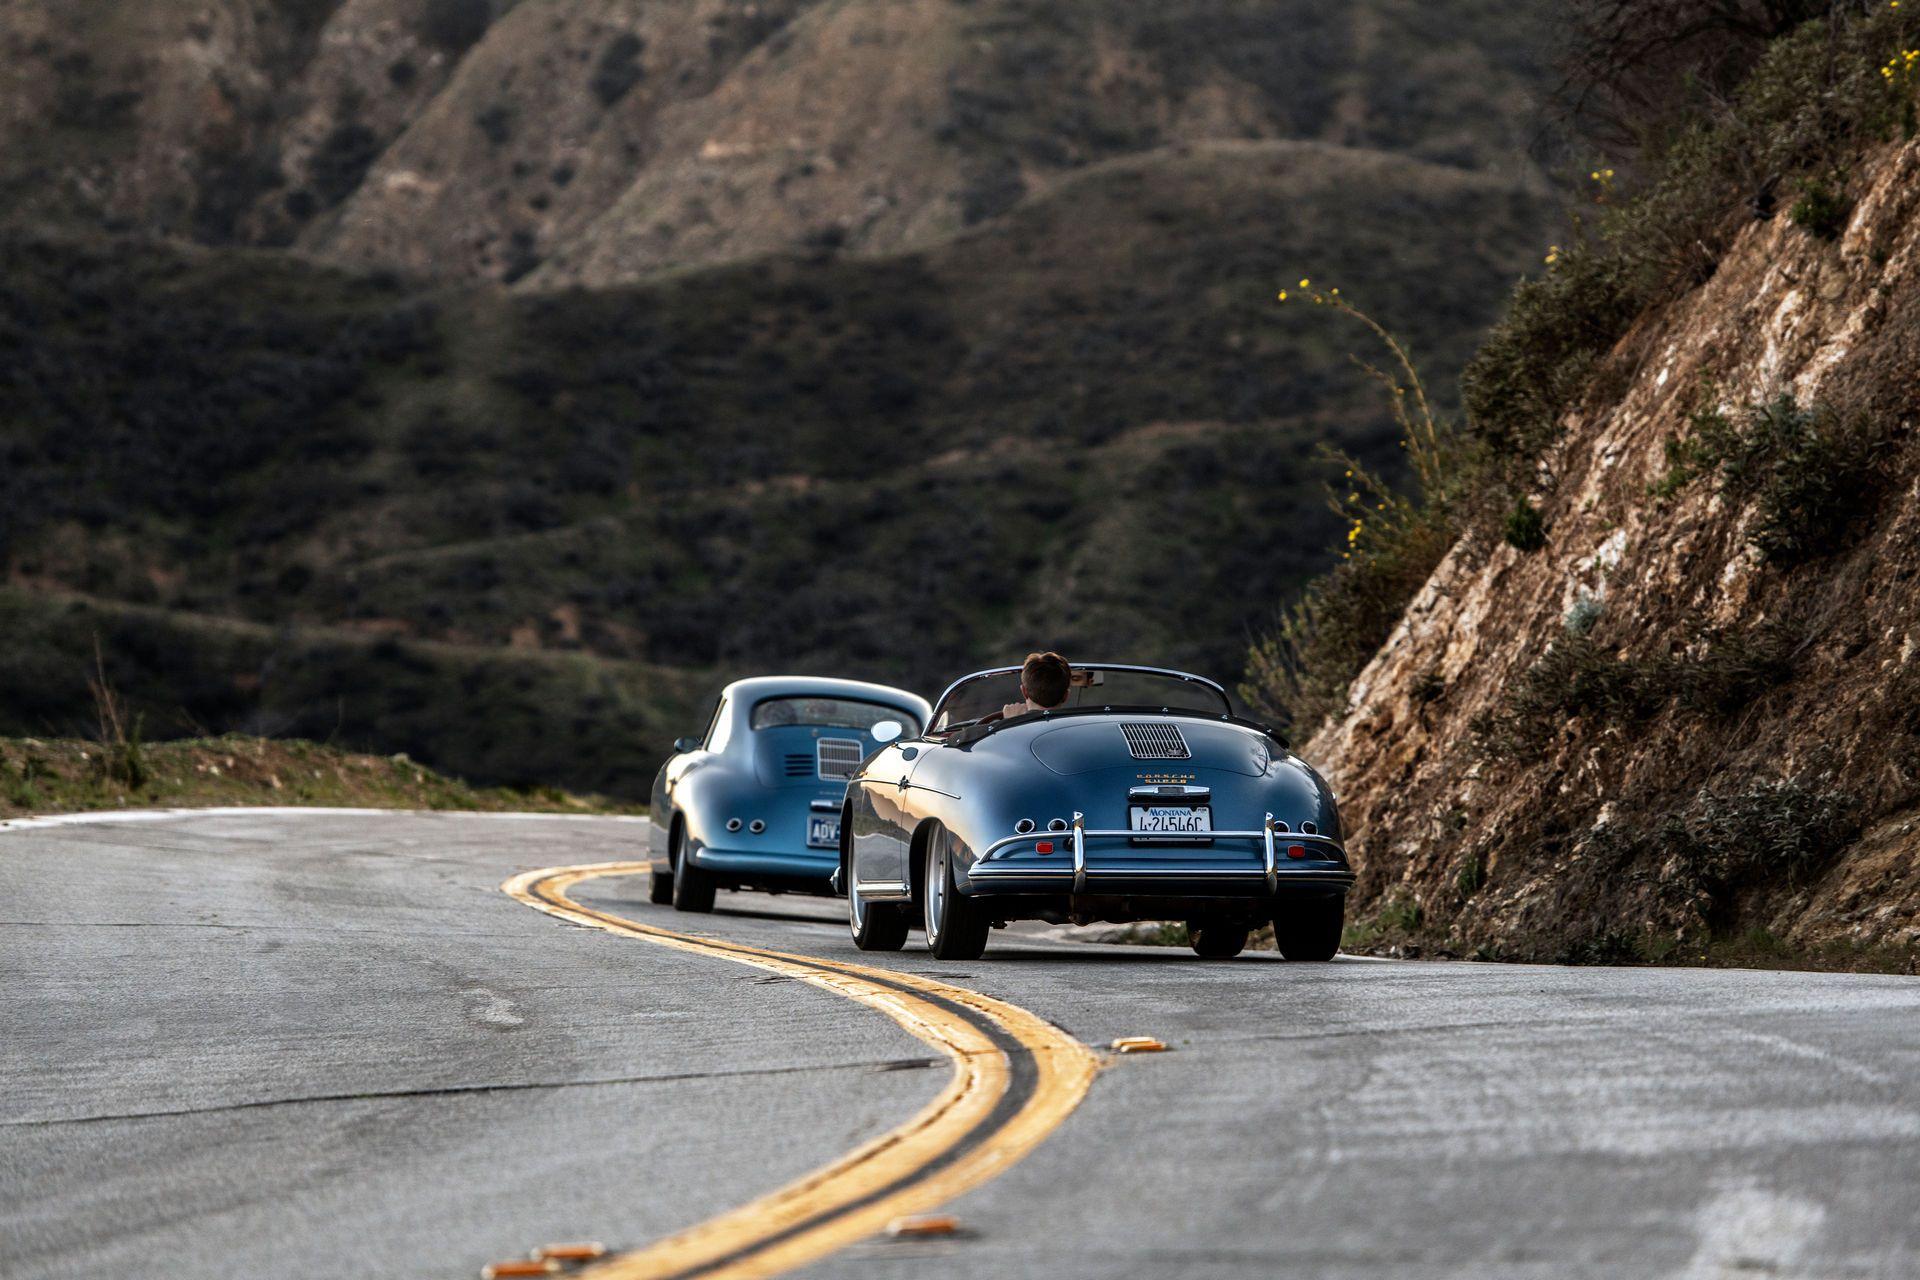 Porsche-356-A-Coupe-Restomod-Emory-Motorsports-17